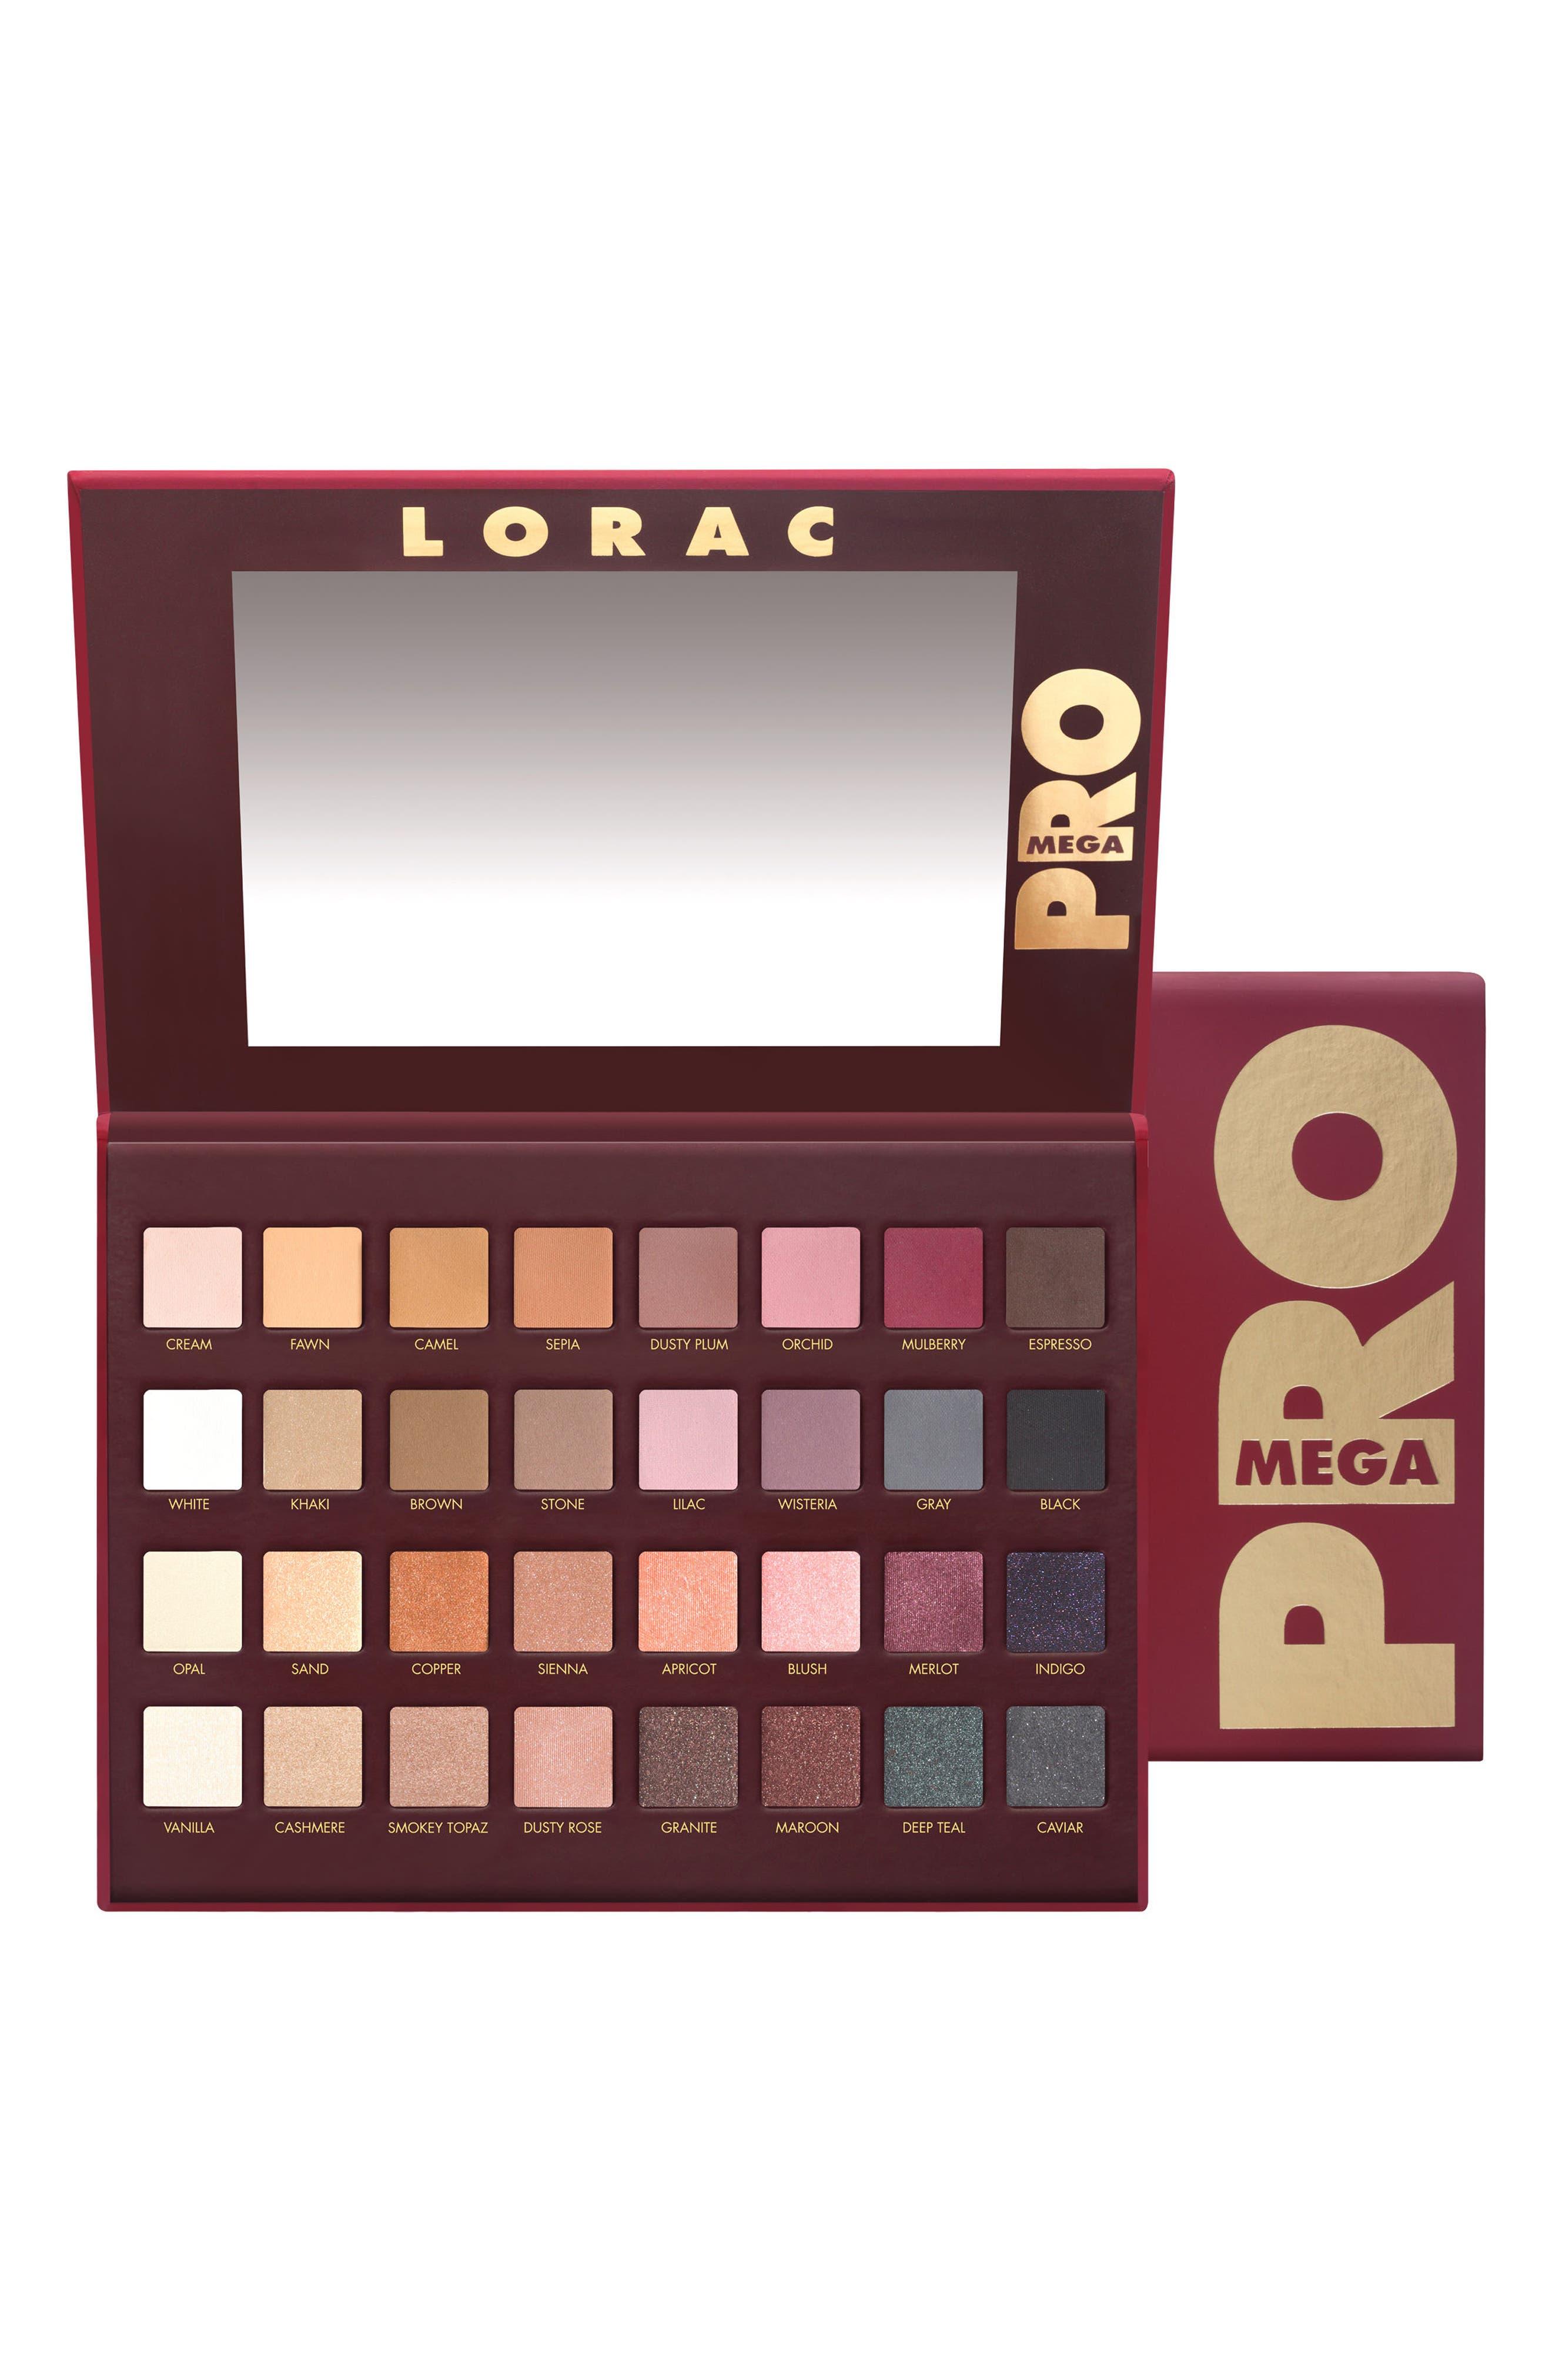 LORAC Mega PRO Palette (Limited Edition) ($224 Value)